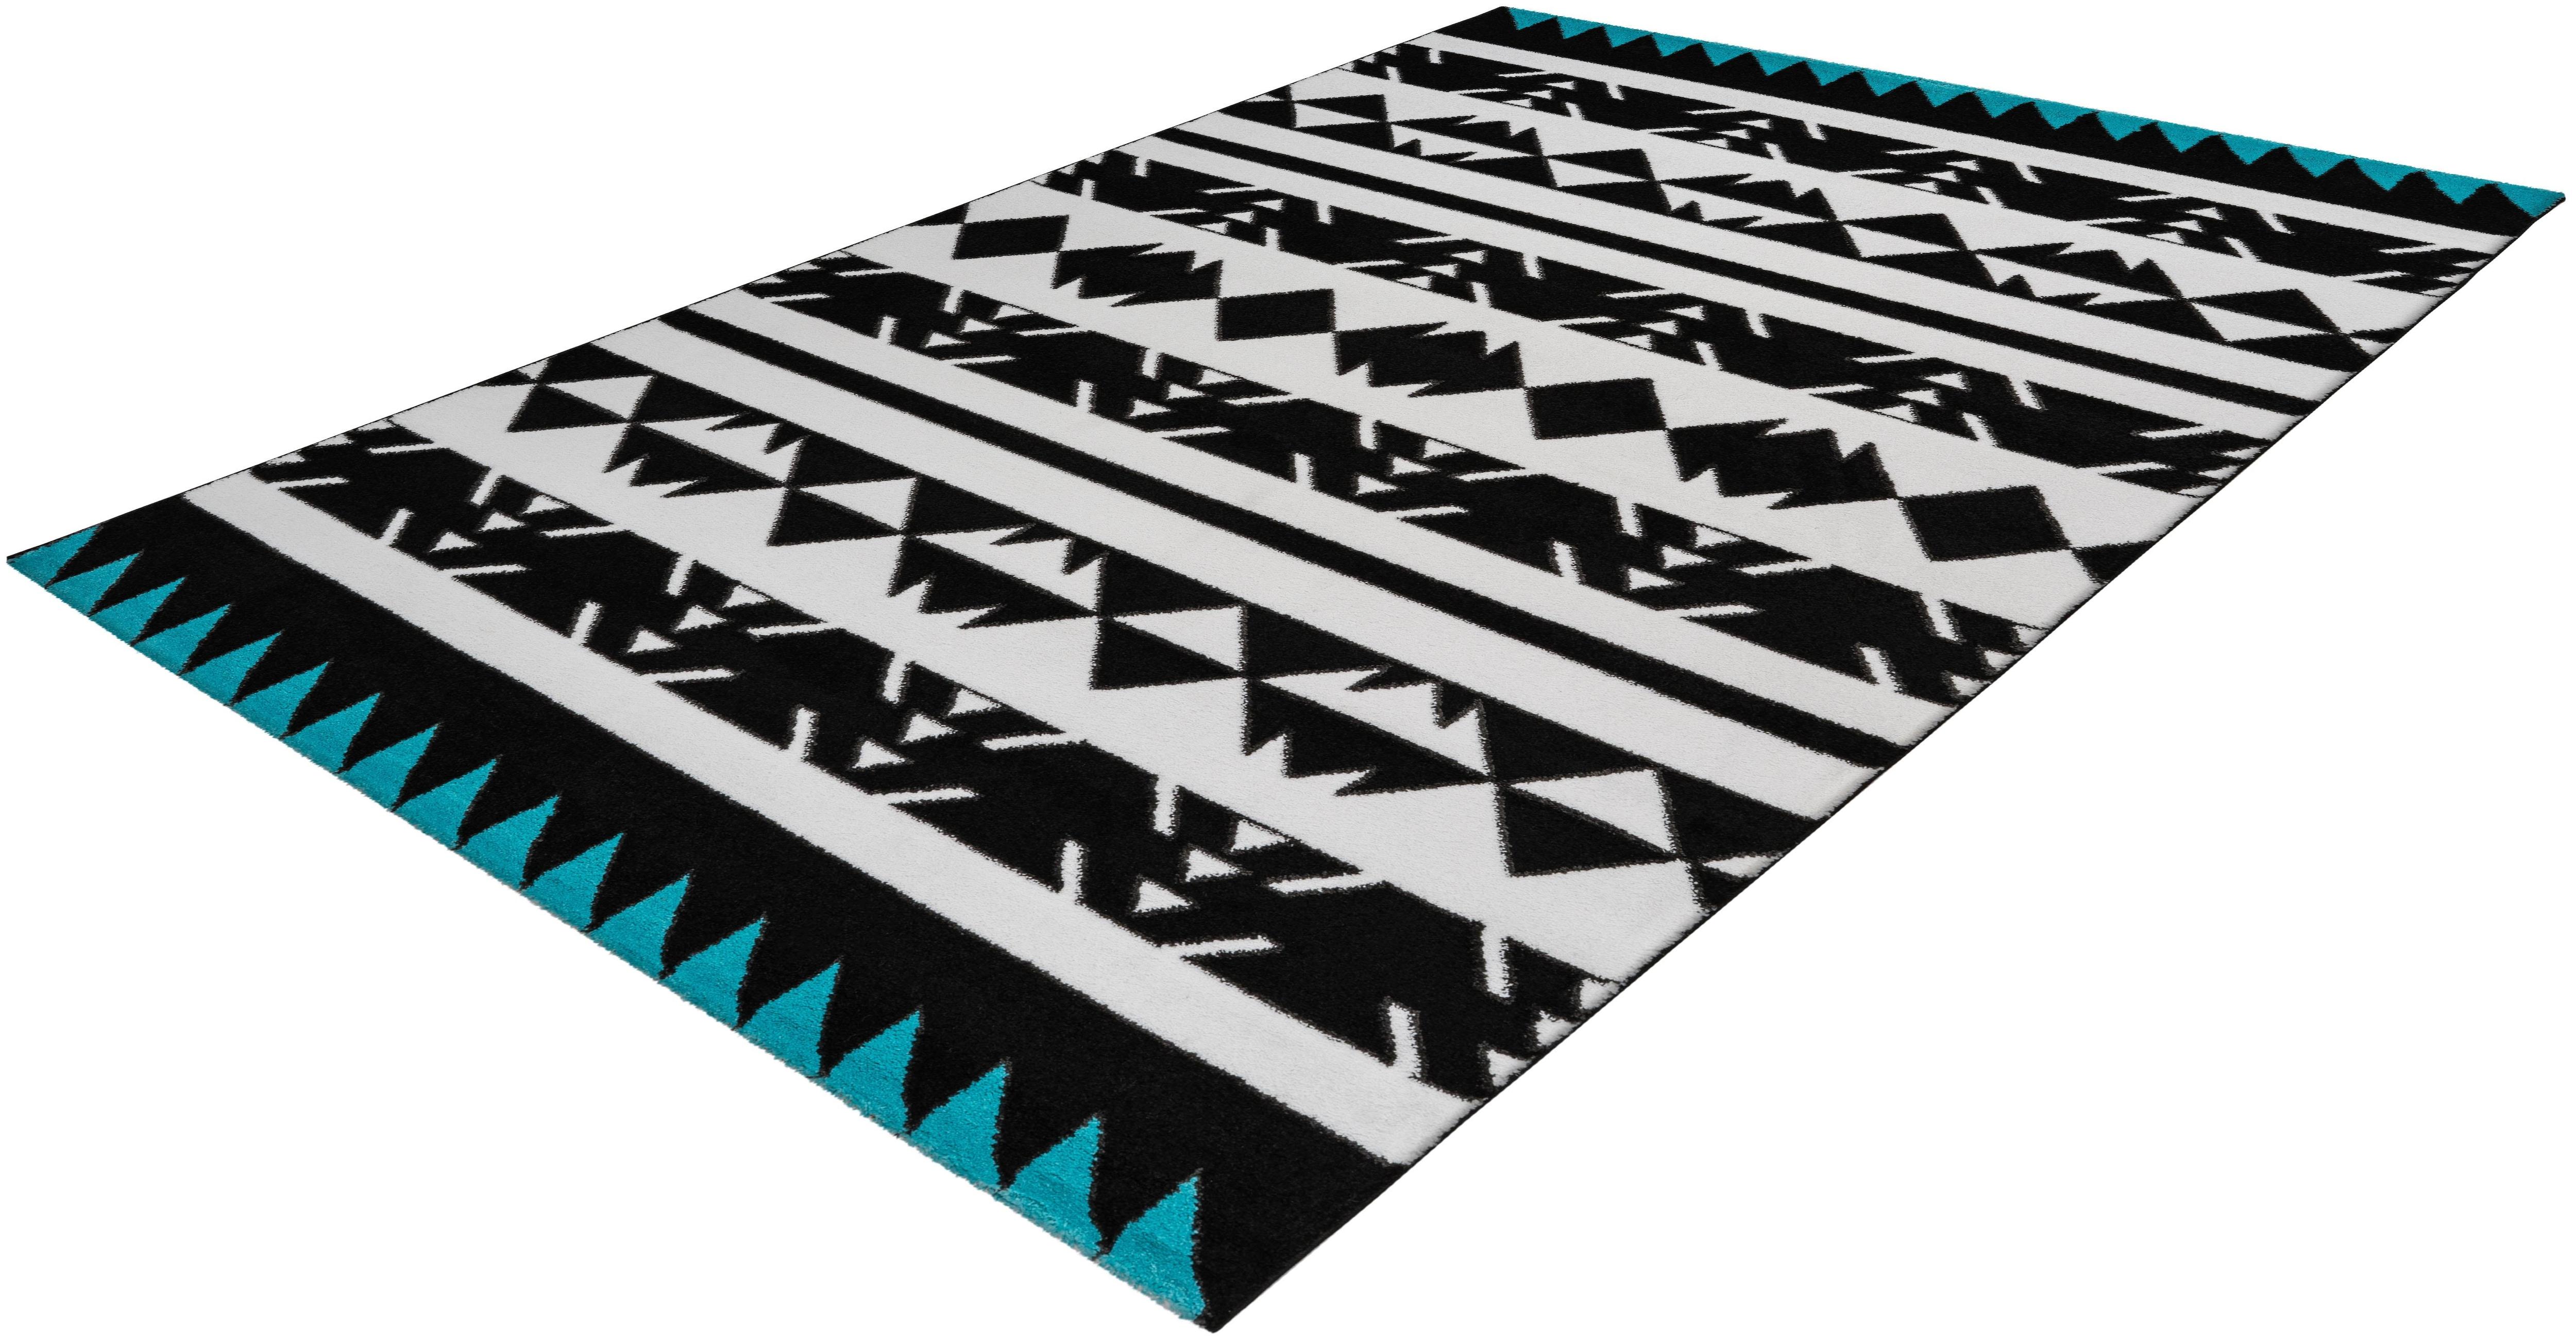 Teppich Broadway 400 Arte Espina rechteckig Höhe 15 mm maschinell gewebt